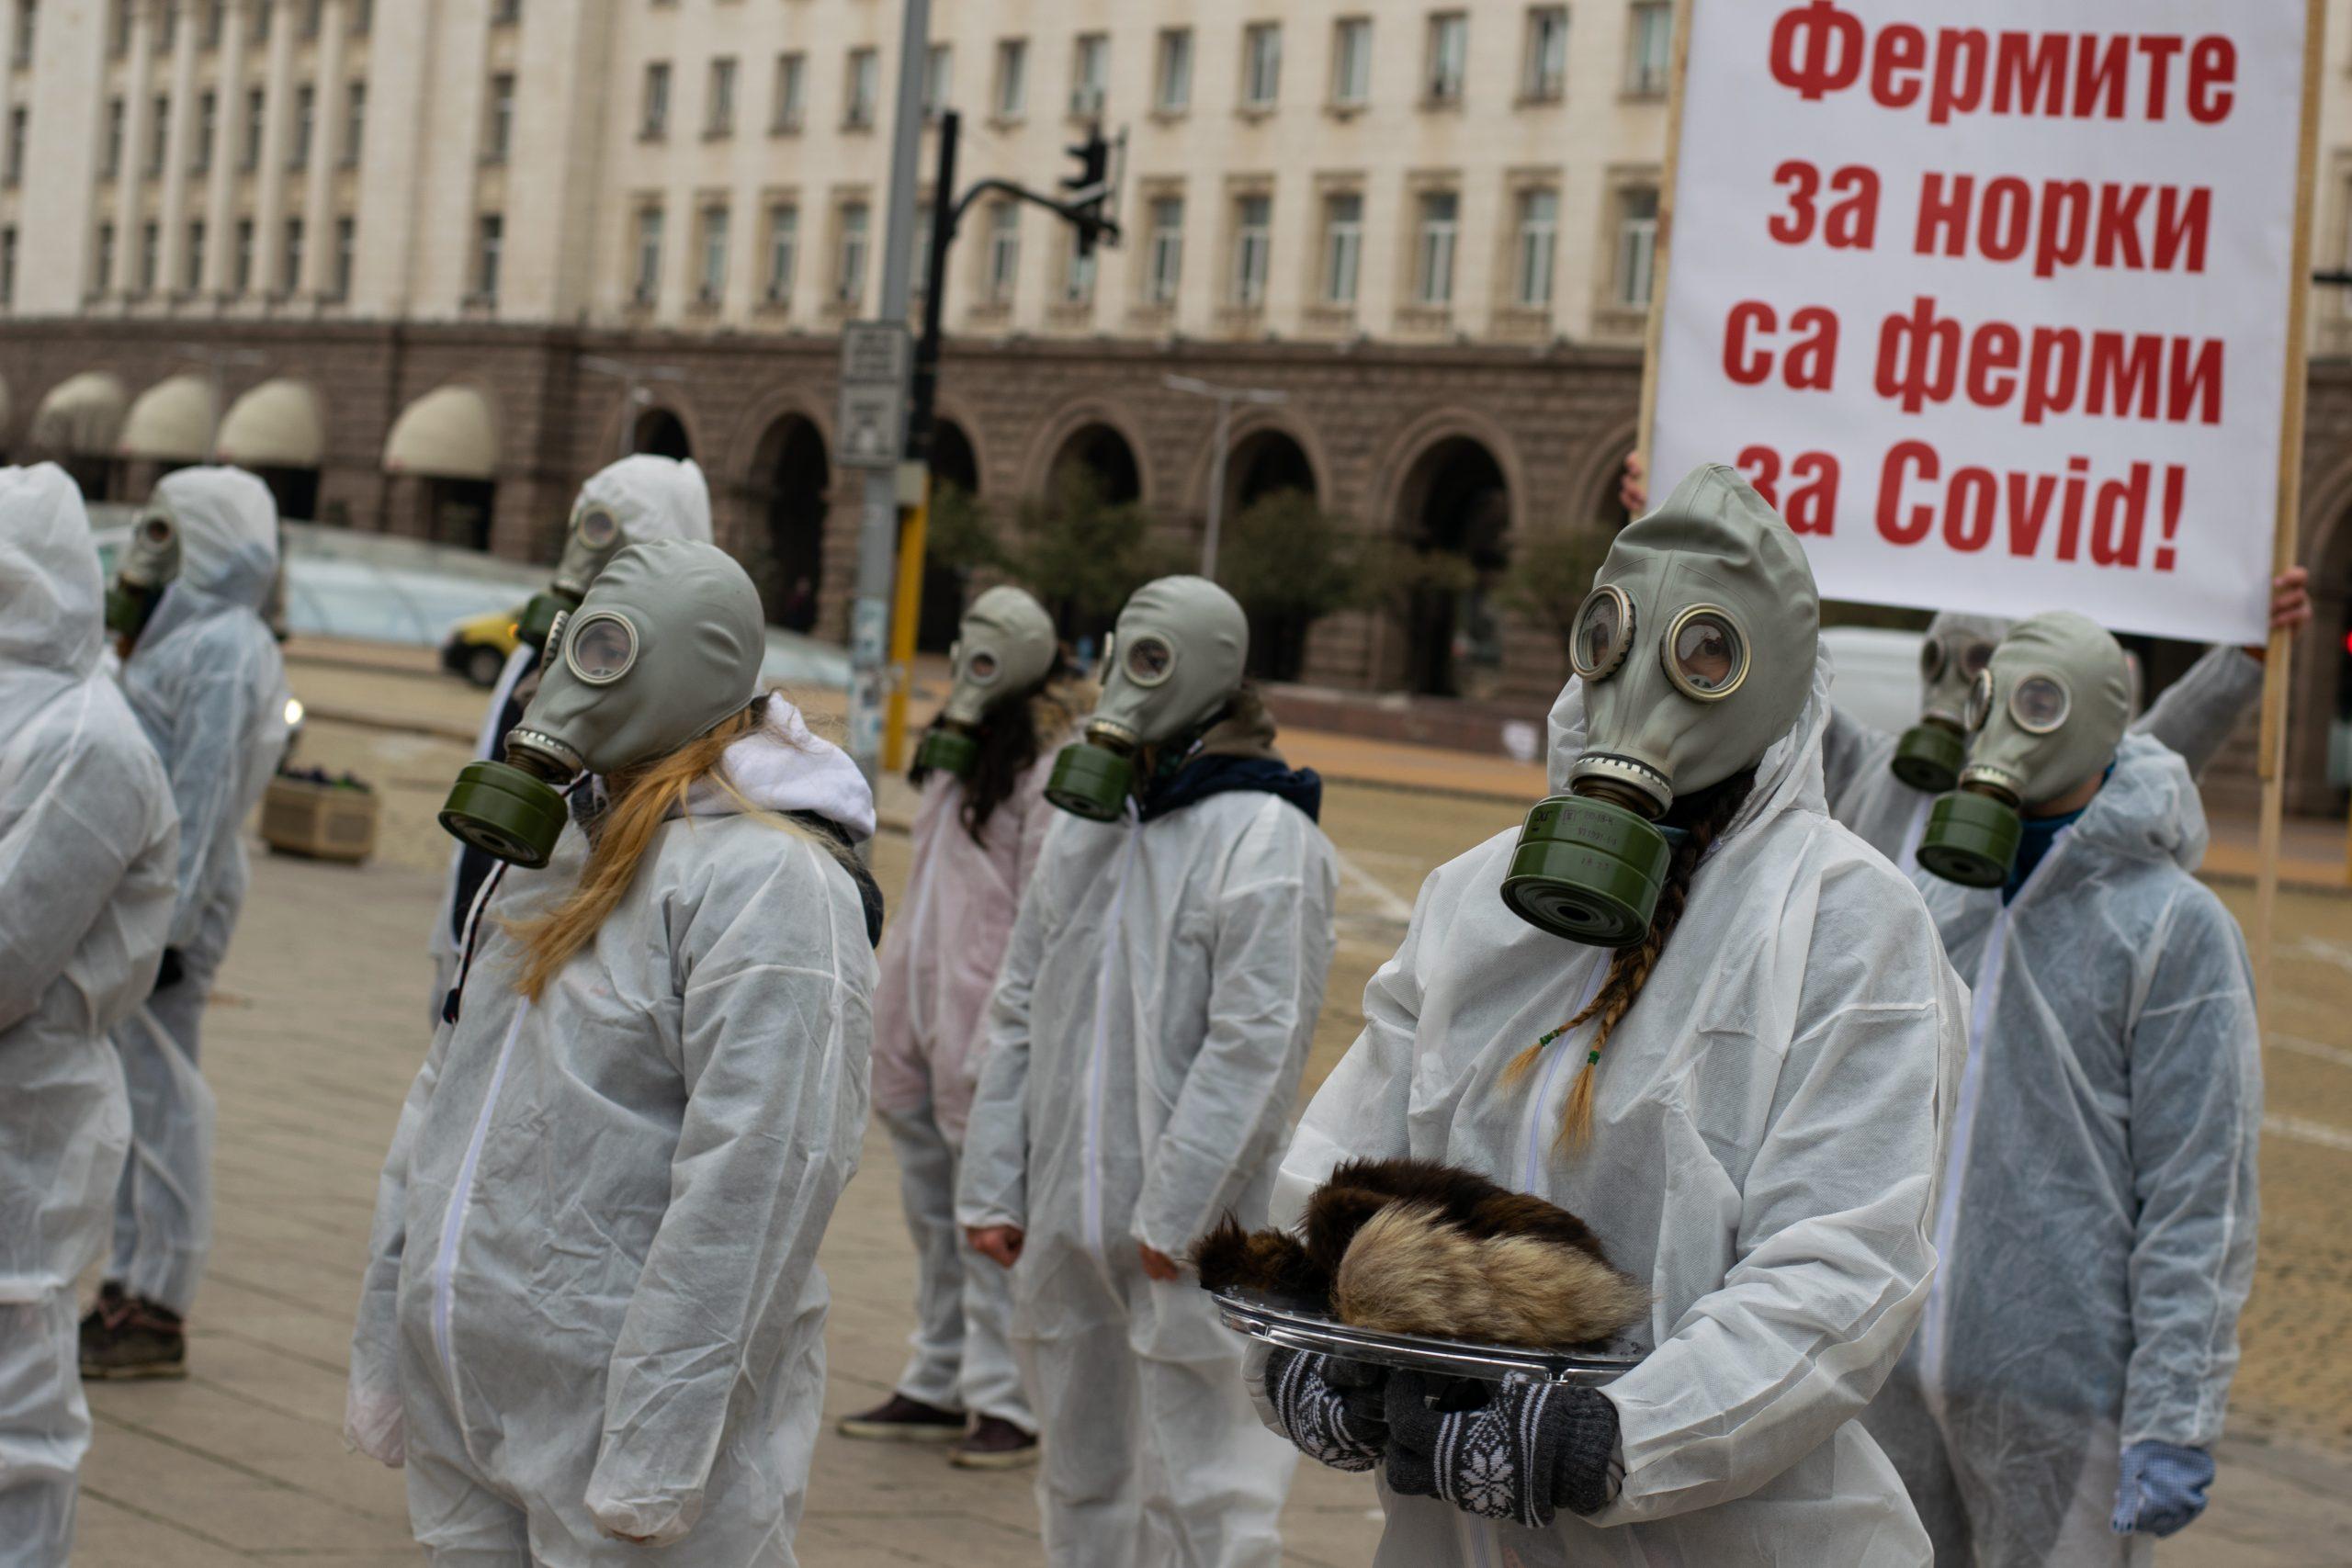 Протест за забрана на фермите за норки заради COVID-19